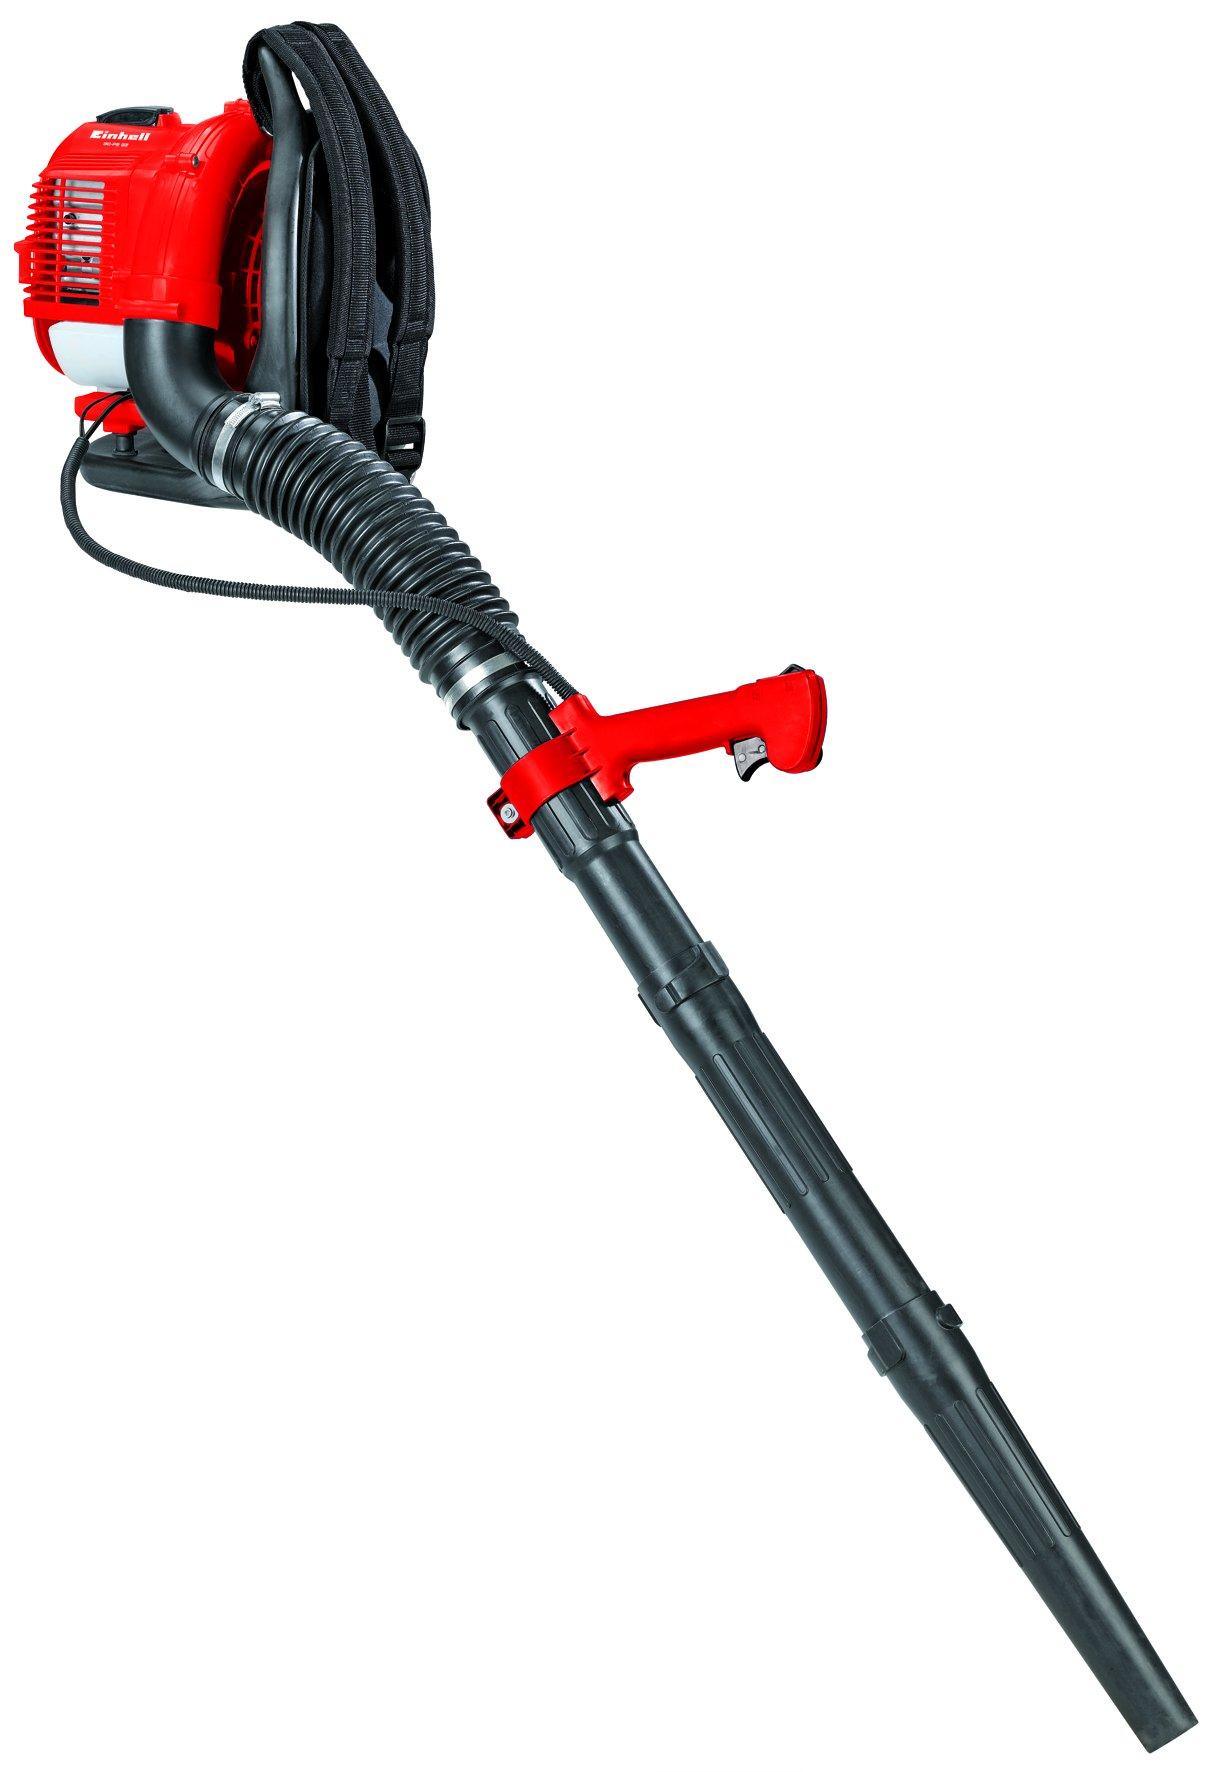 Einhell GC-PB 33 250kmh Negro, Rojo aspiradora de hojas - Soplador de hojas (900 W, 250 kmh, Negro, Rojo, Motor de gasolina de dos tiempos, 353 mm, 417 mm): Amazon.es: Bricolaje y herramientas